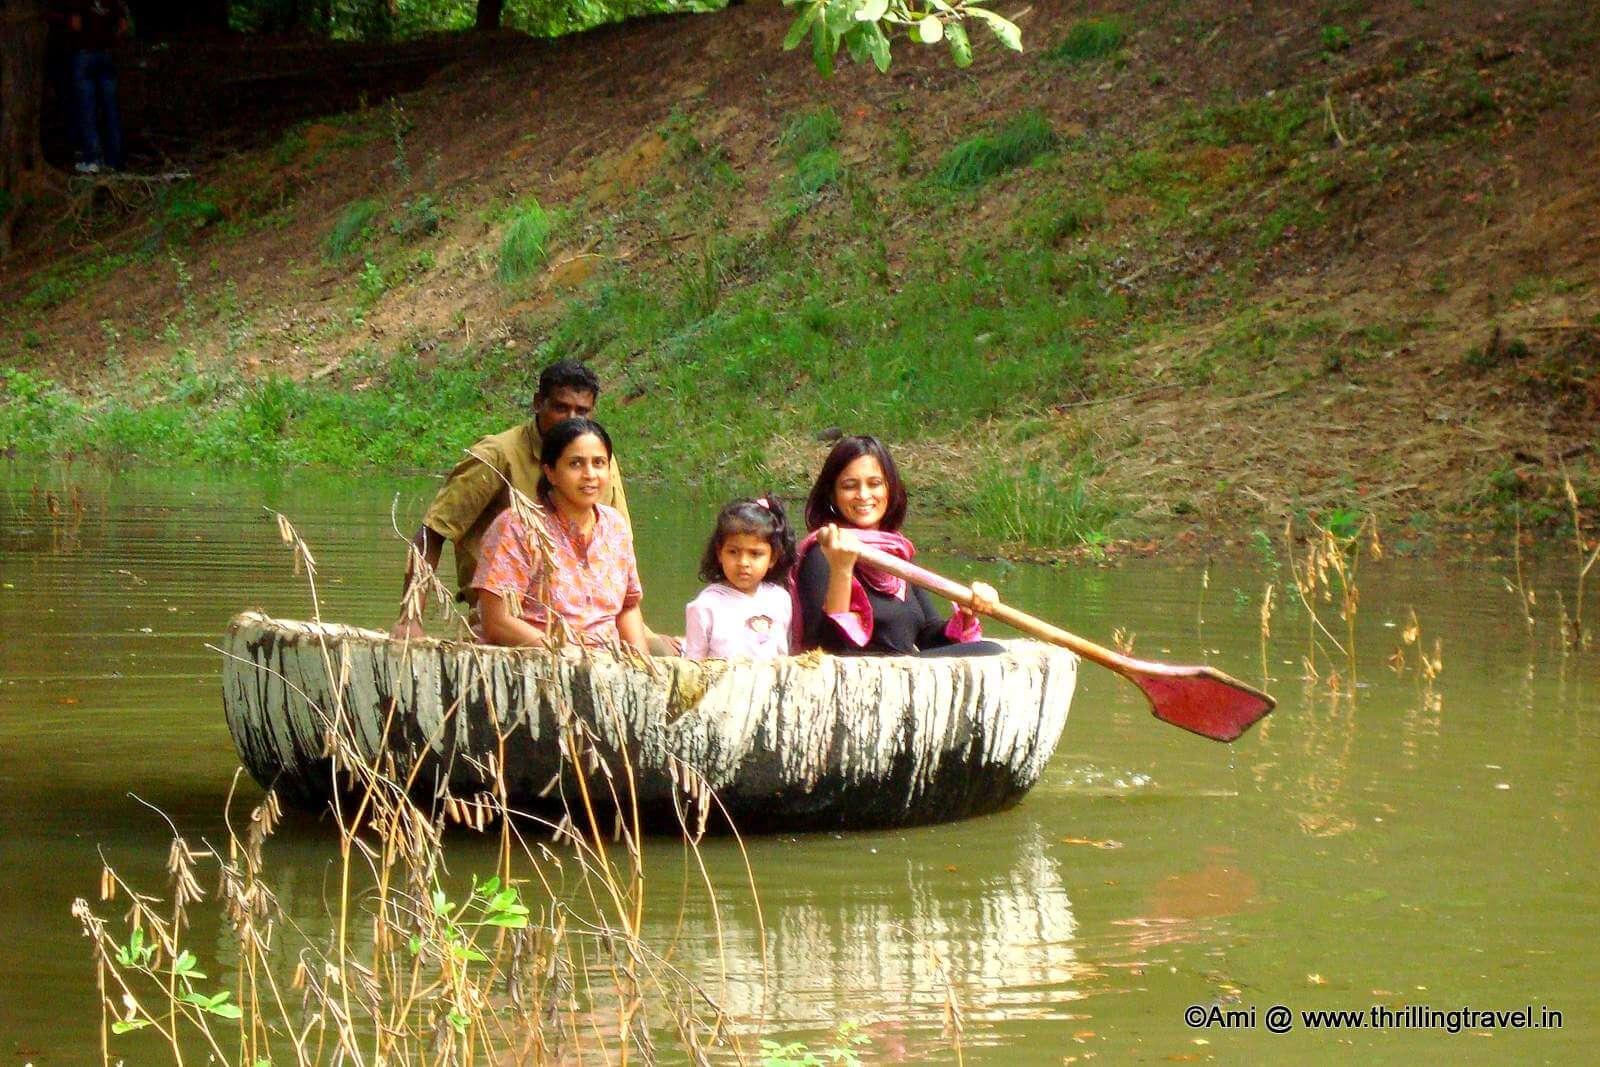 Coracle Ride at Bheemeshwari Fishing Camp